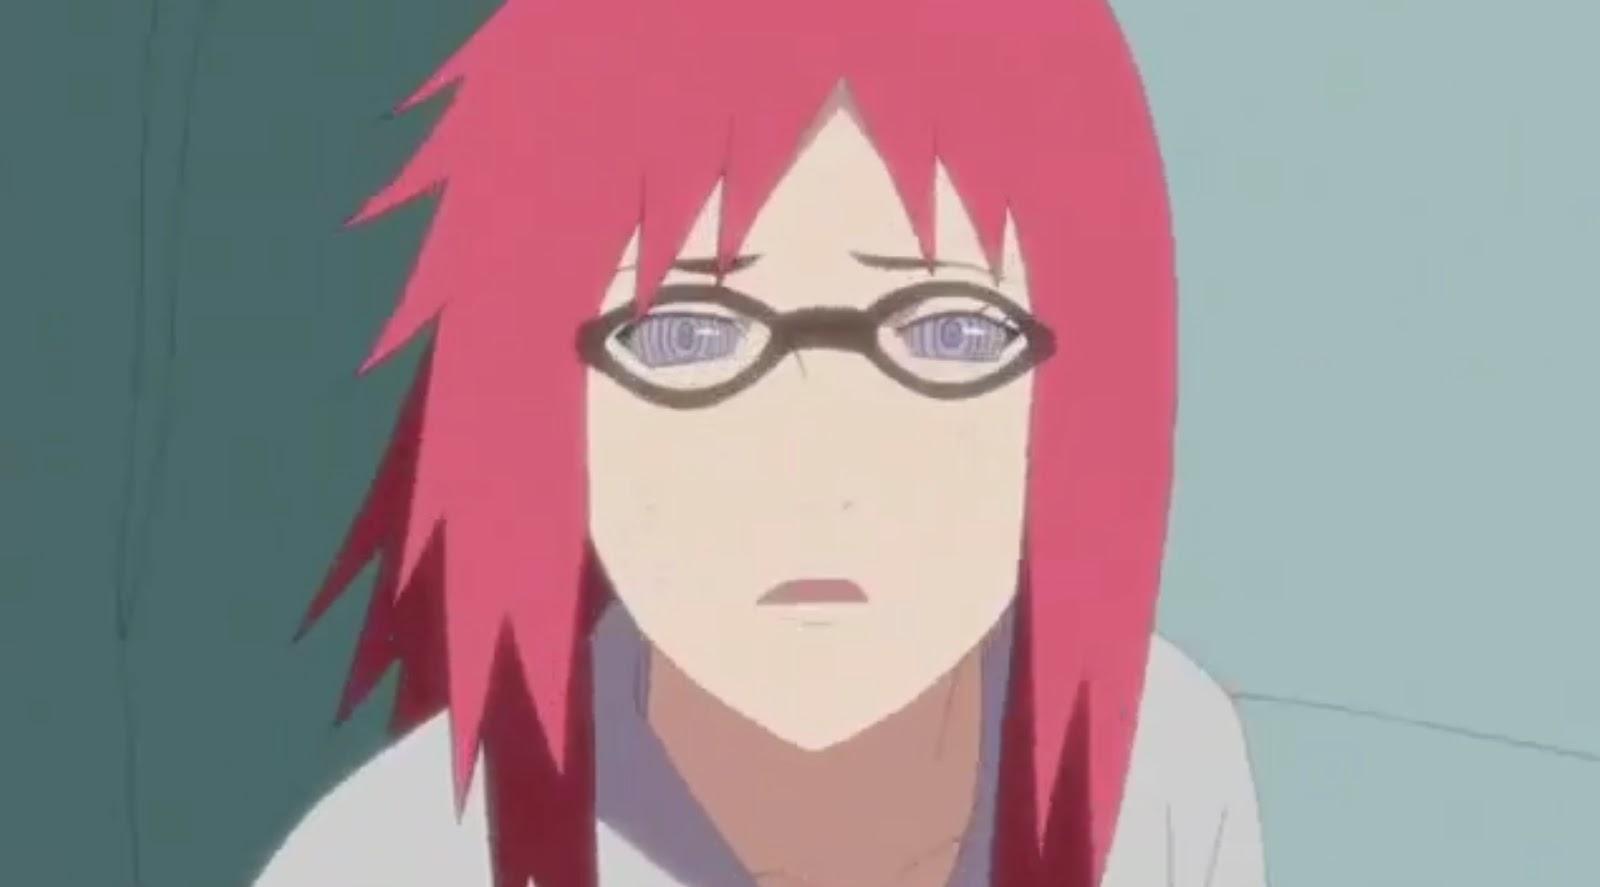 Naruto Shippuden Episódio 431, Assistir Naruto Shippuden Episódio 431, Assistir Naruto Shippuden Todos os Episódios Legendado, Naruto Shippuden episódio 431,HD